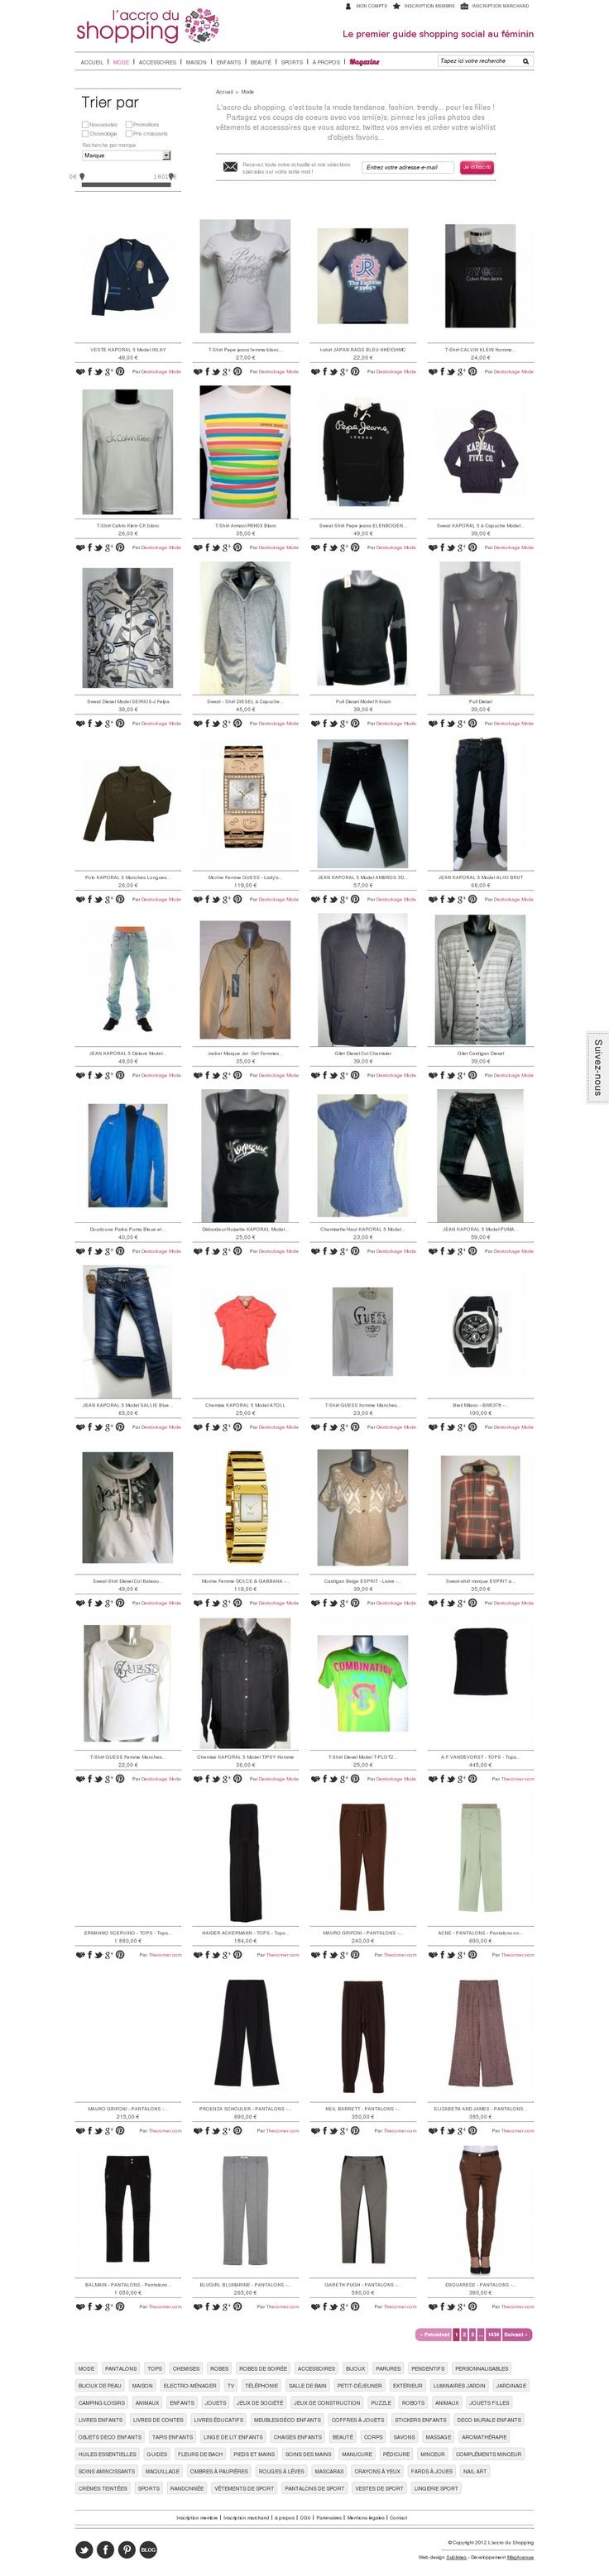 www.laccrodushopping.com  L'accro du shopping est LE guide shopping réservé aux filles ! Mode, déco, beauté, enfants, gourmandises...  Partagez, pinner et twittez vos envies !